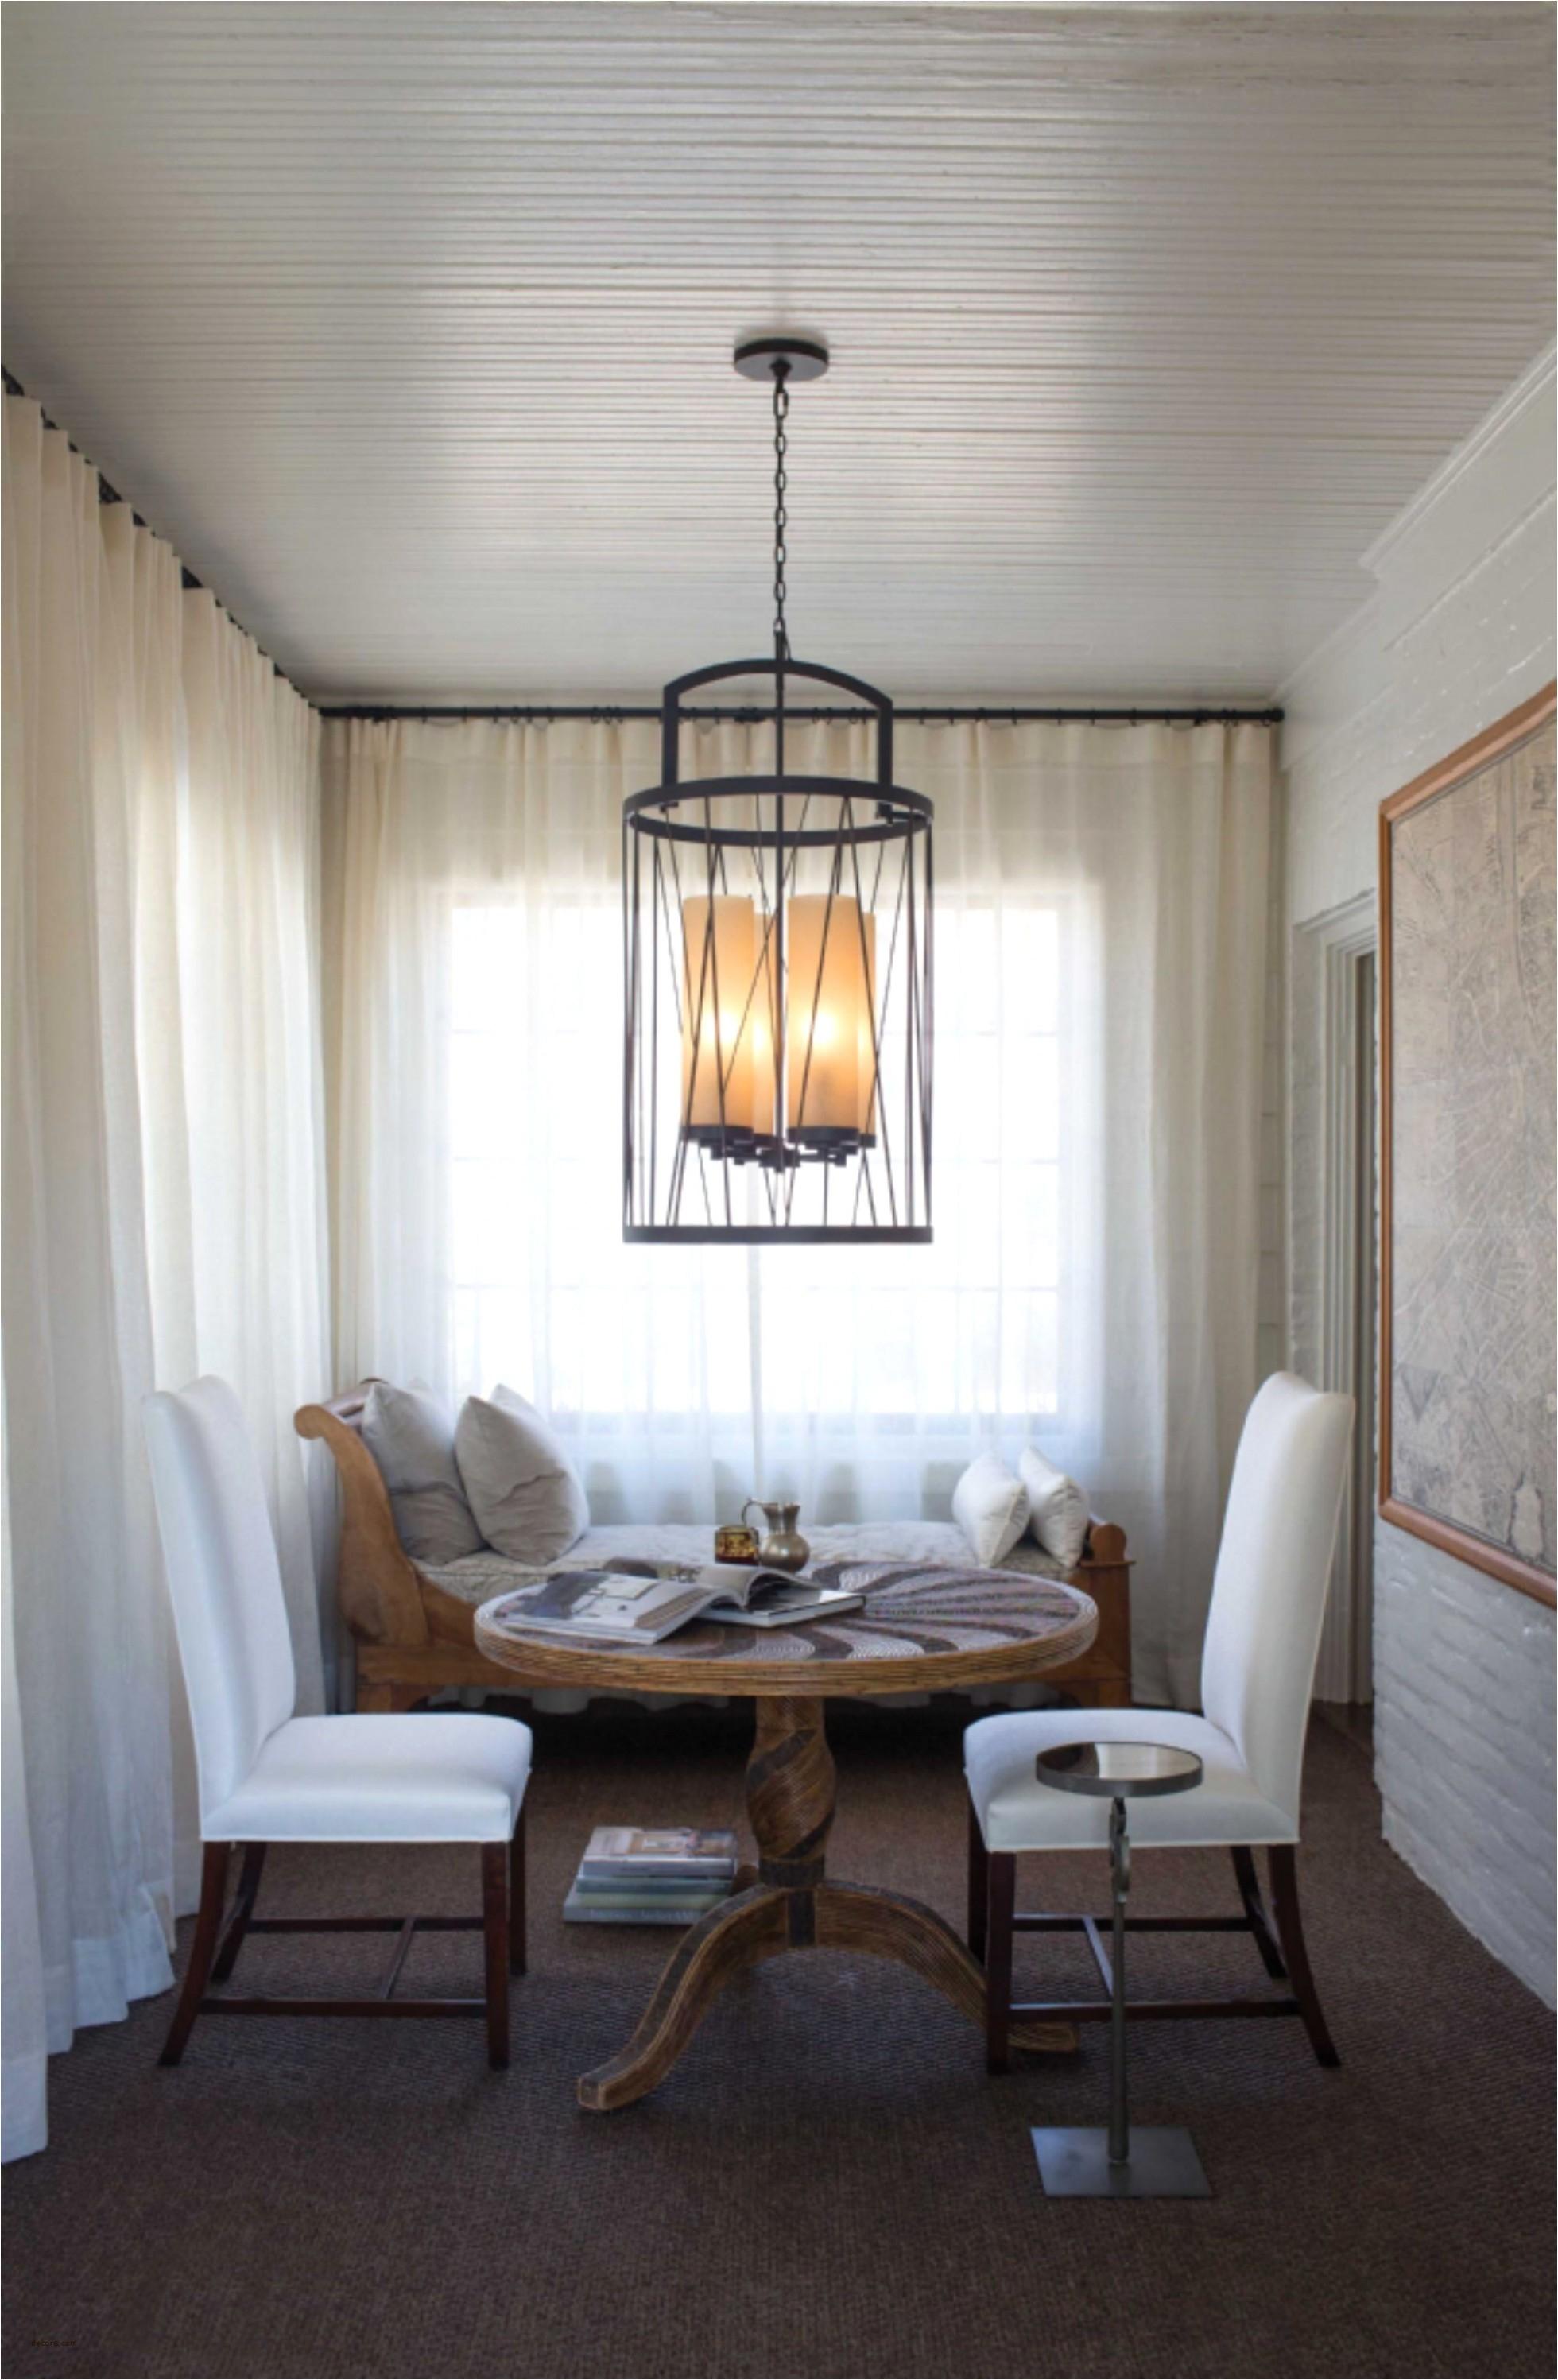 dining room chandelier fresh led lights for home interior new lamps lamp art lamp art 0d